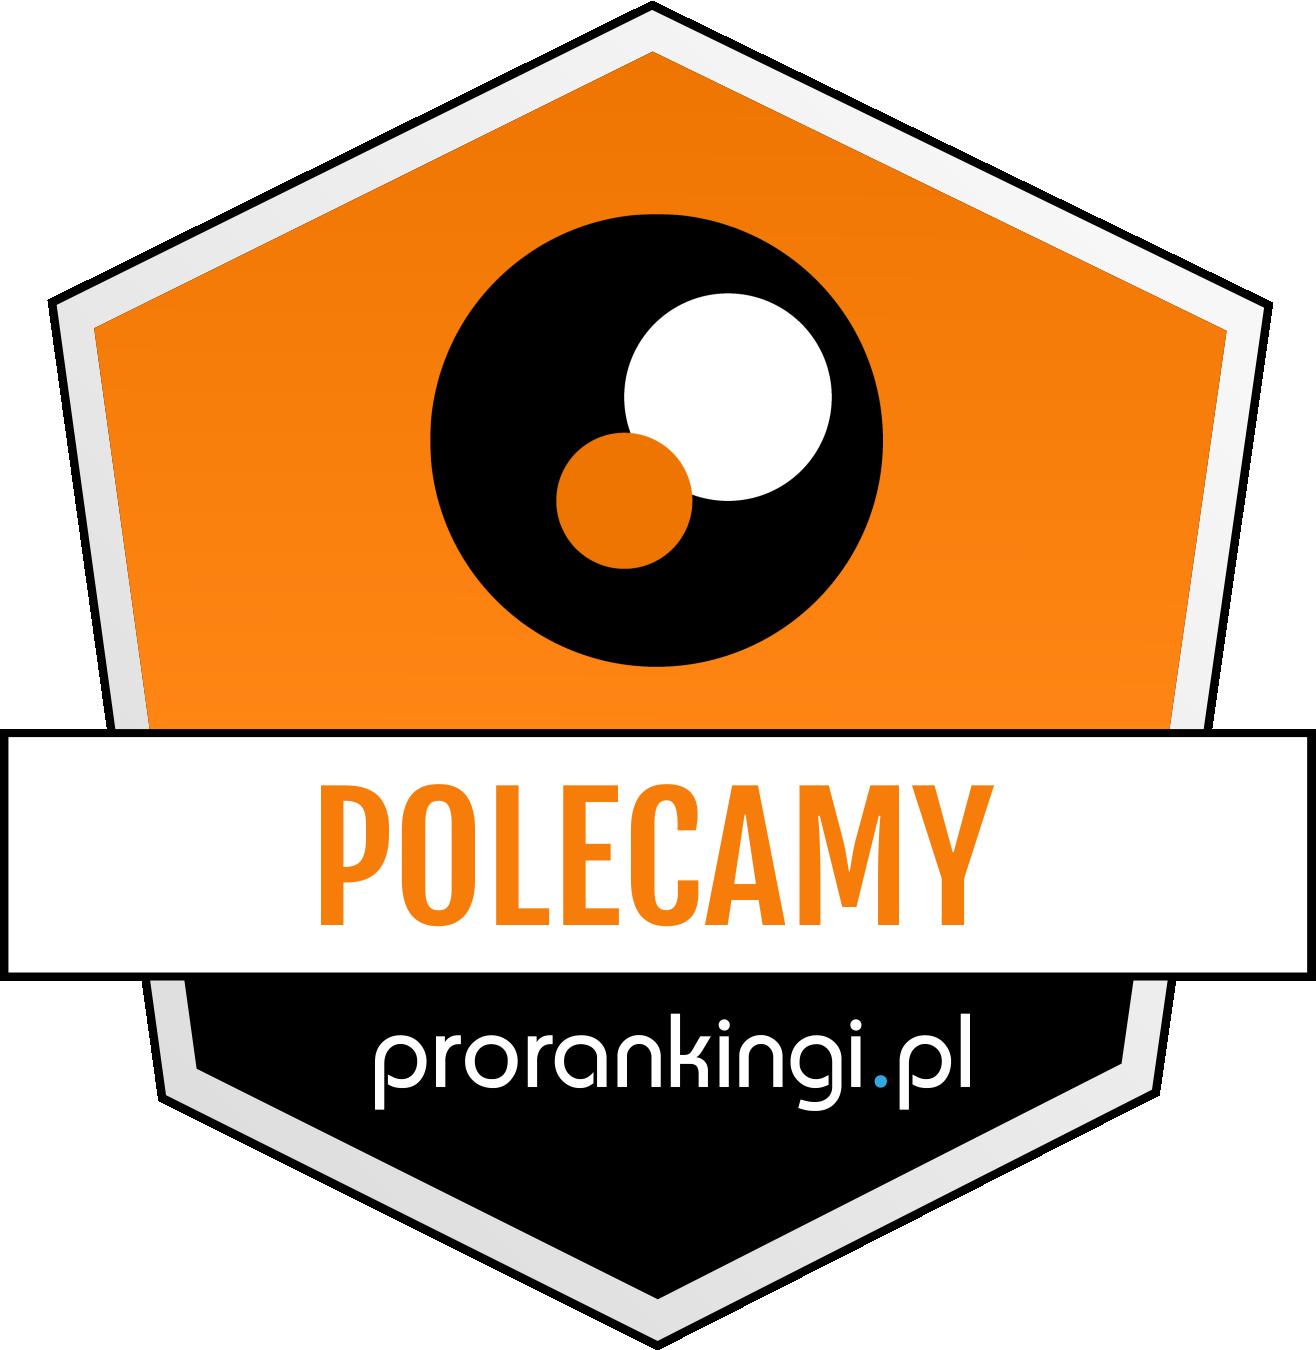 prorankingi-polecamy.png